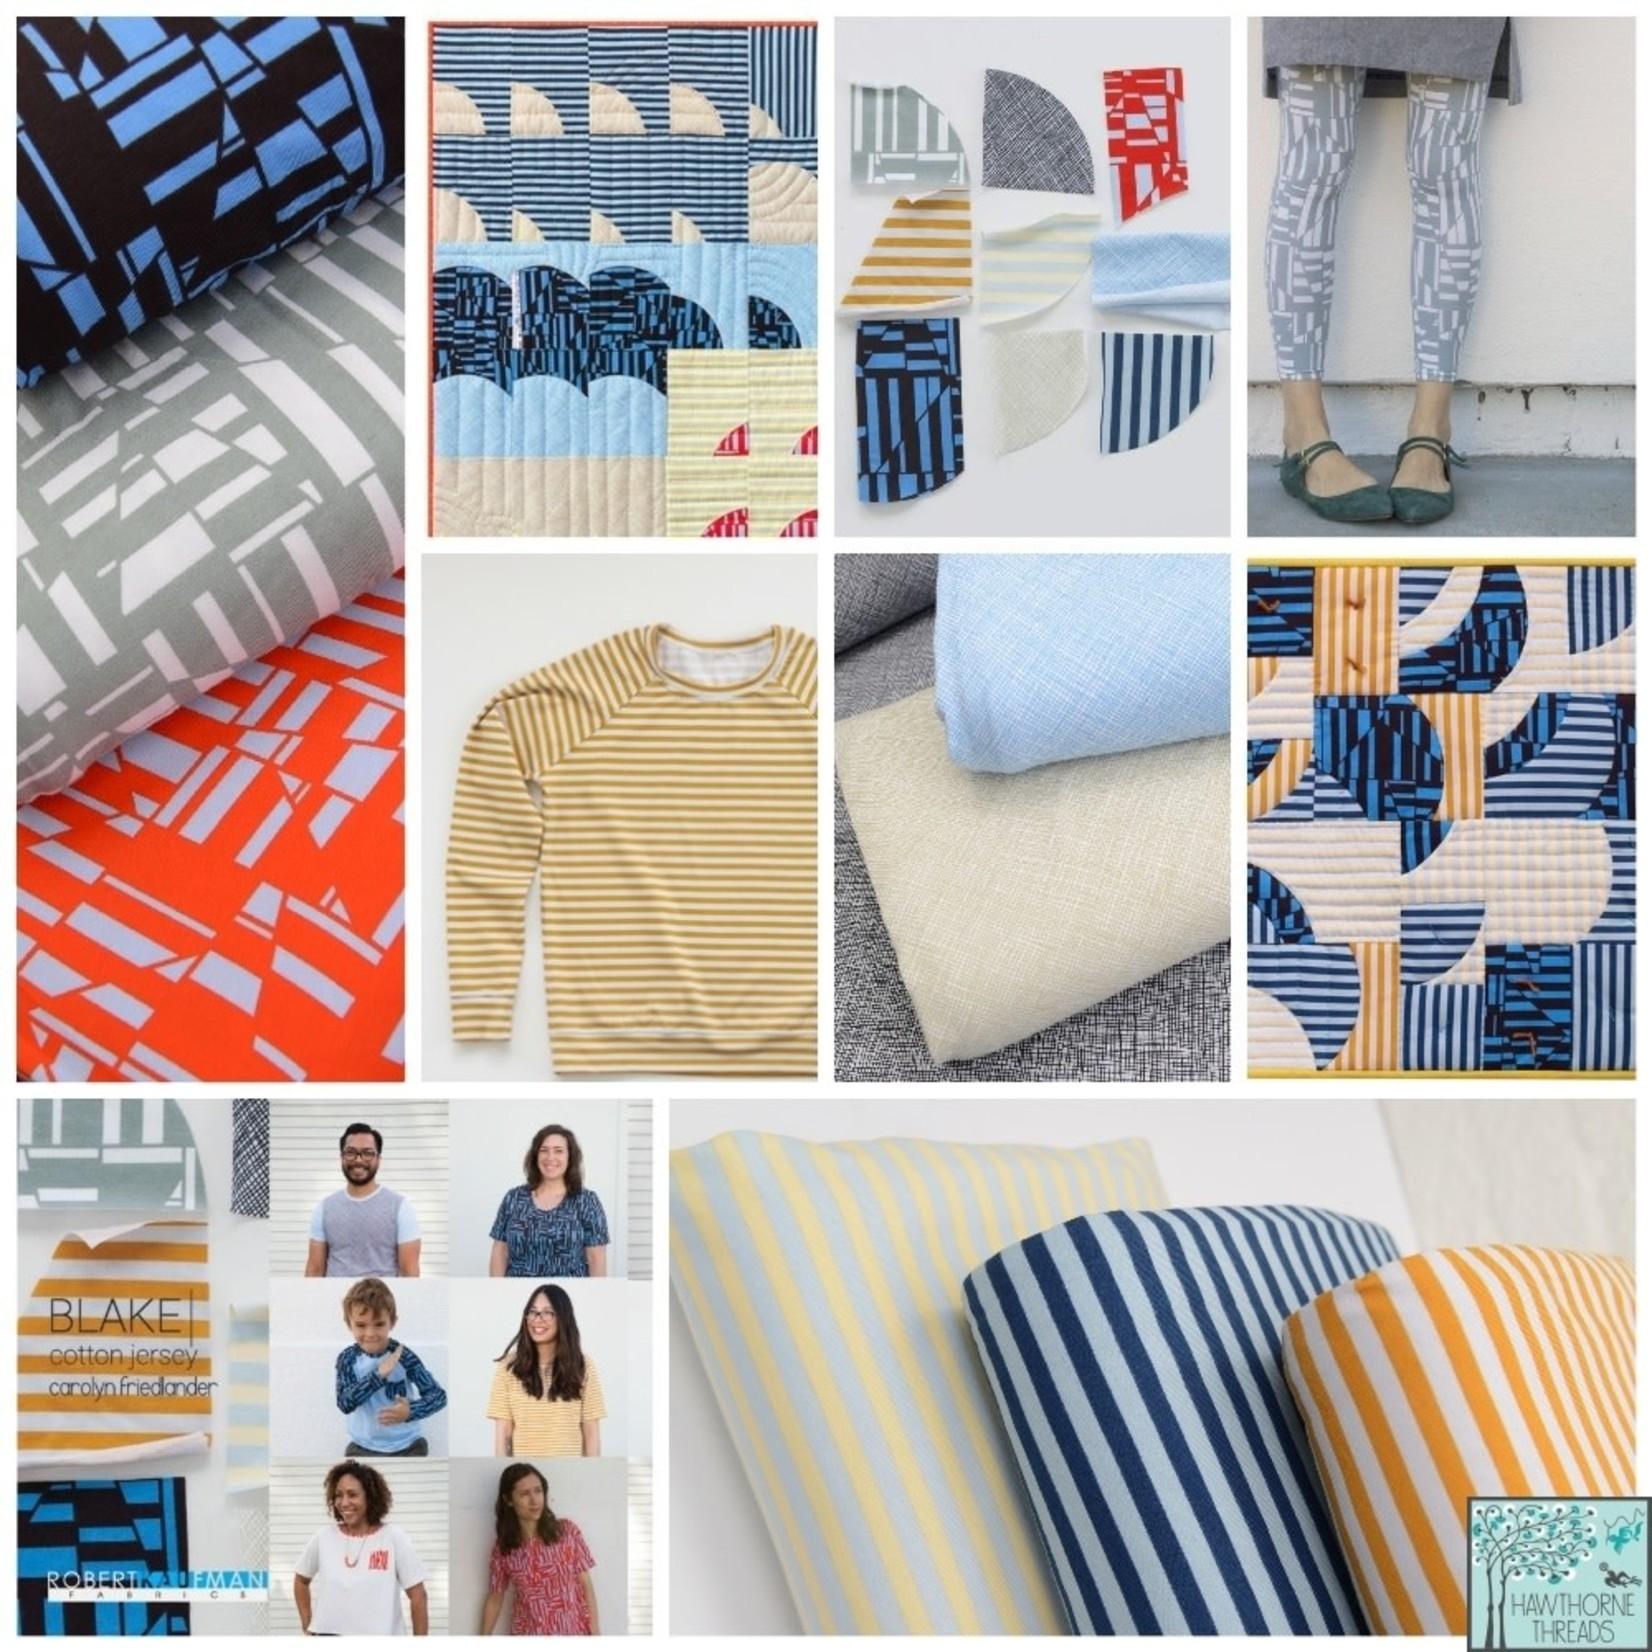 Robert Kaufman BLAKE Knit Precut Jersey 1760 2 Yard Package Butter and Steel